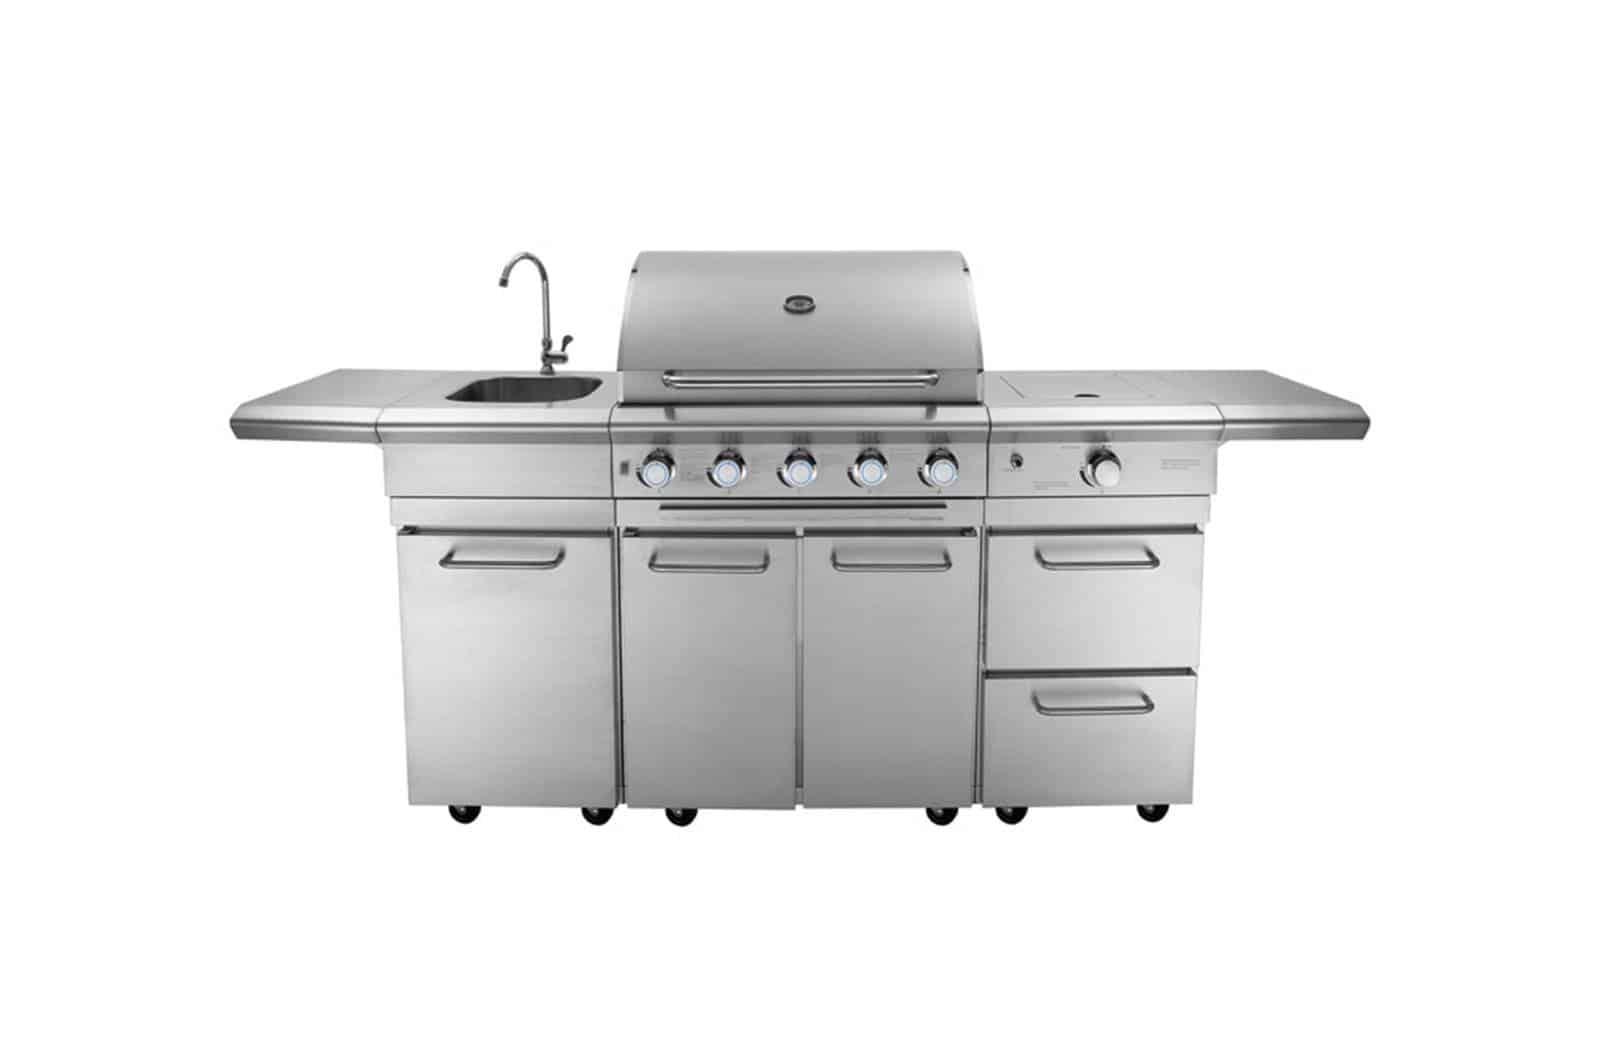 Grill ogrodowy gazowy - kuchnia BBQ TRAPANI PRO 5-palnikowa